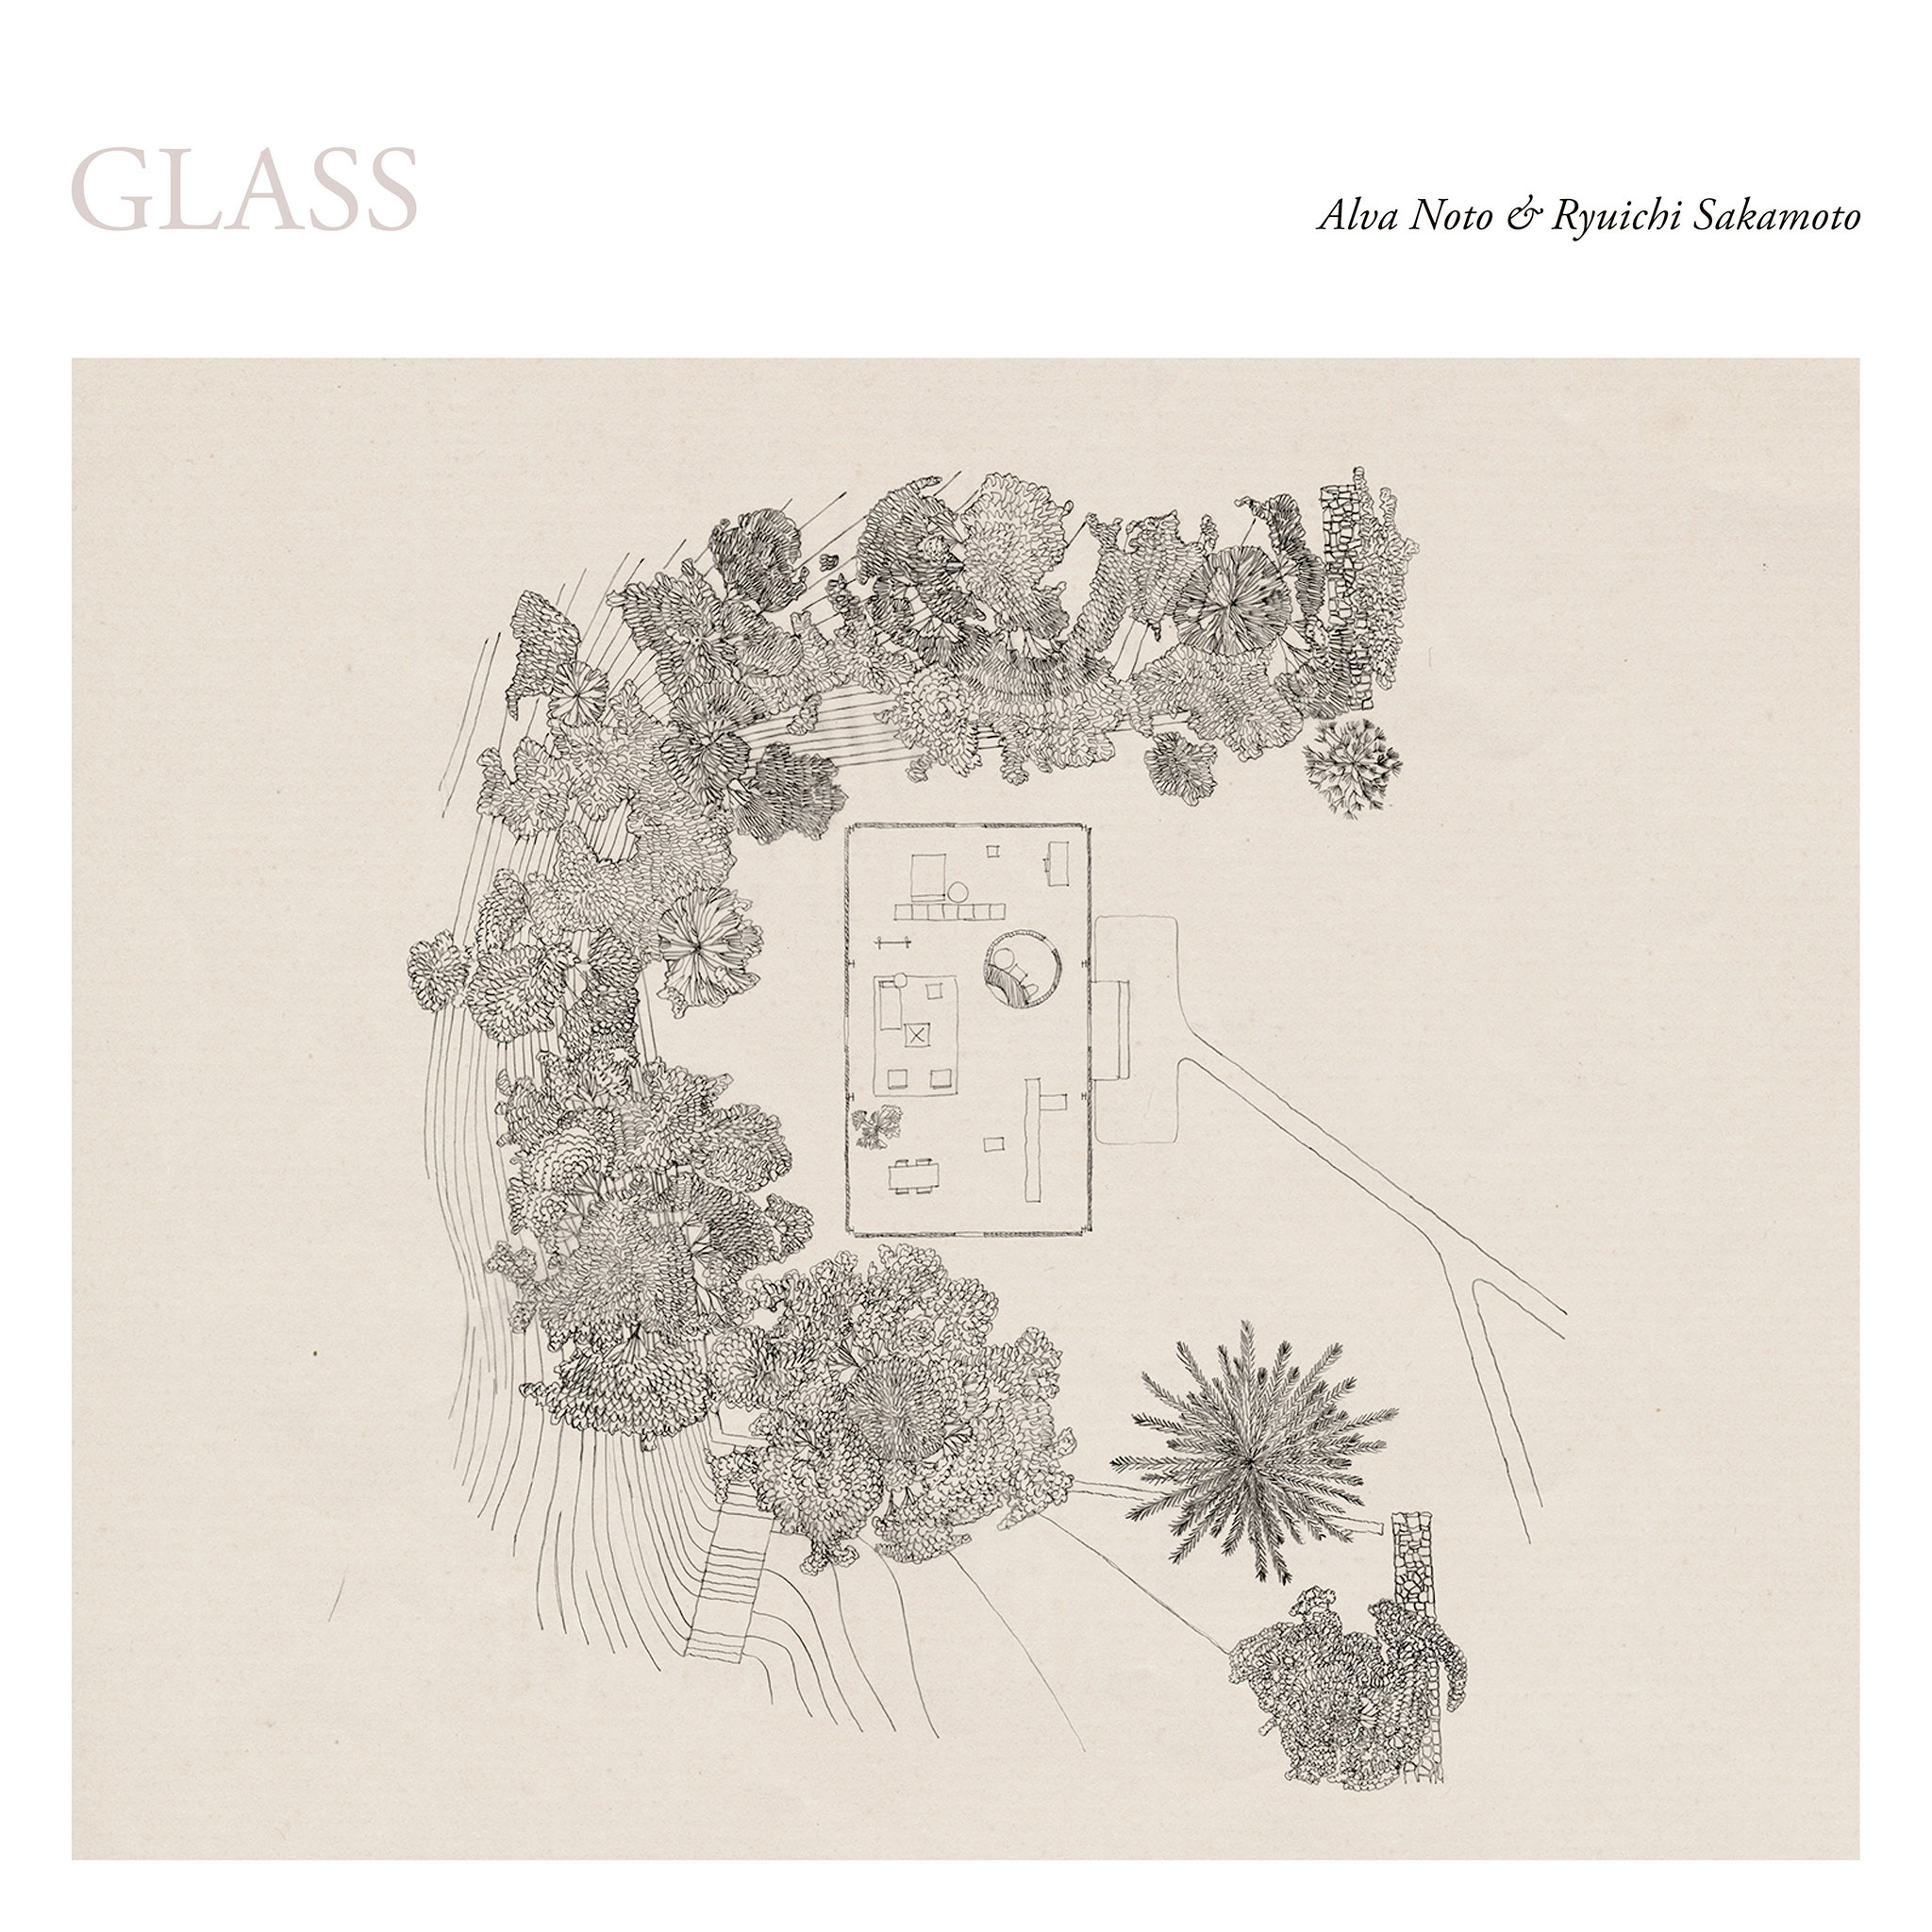 Glass por Alva Noto & Ryuichi Sakamoto